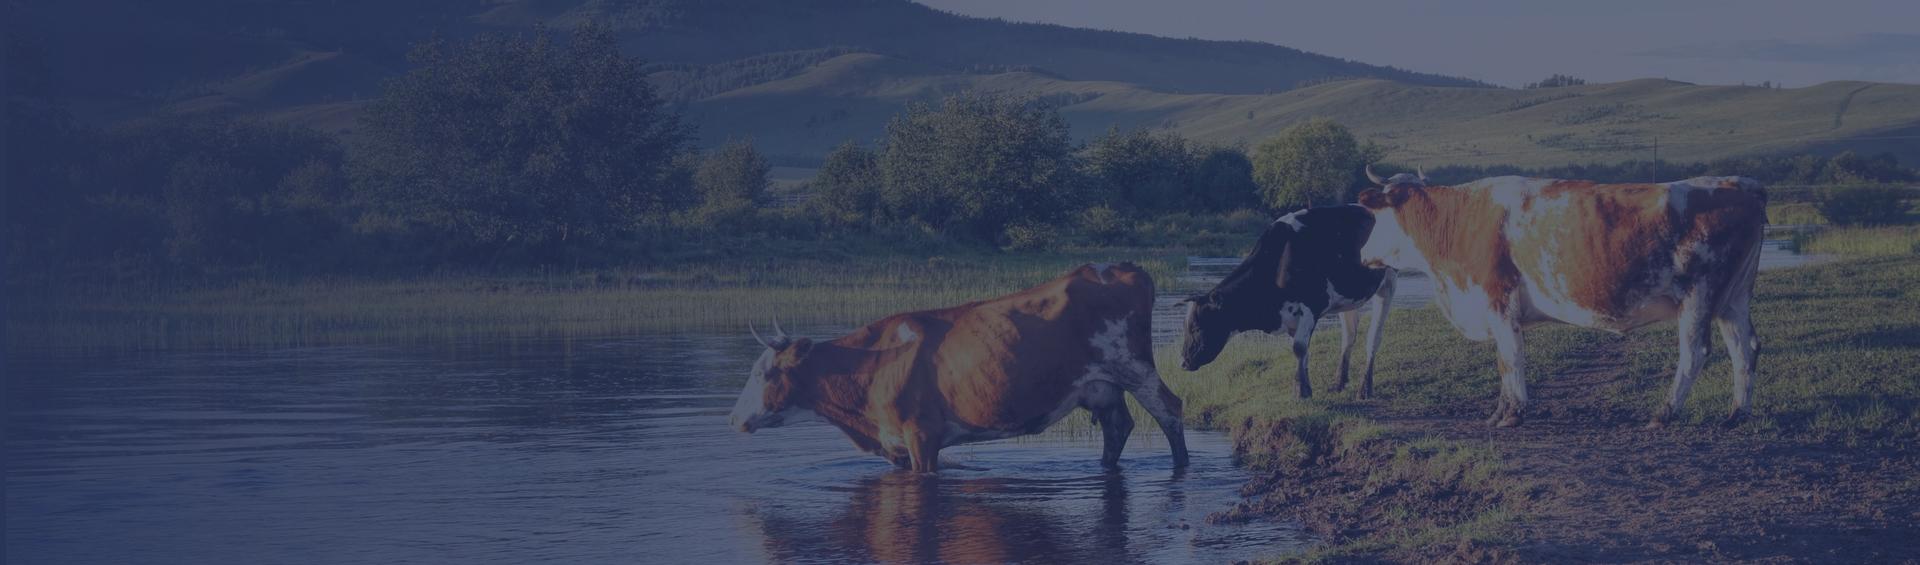 農林牧副行業解決方案分類背景圖